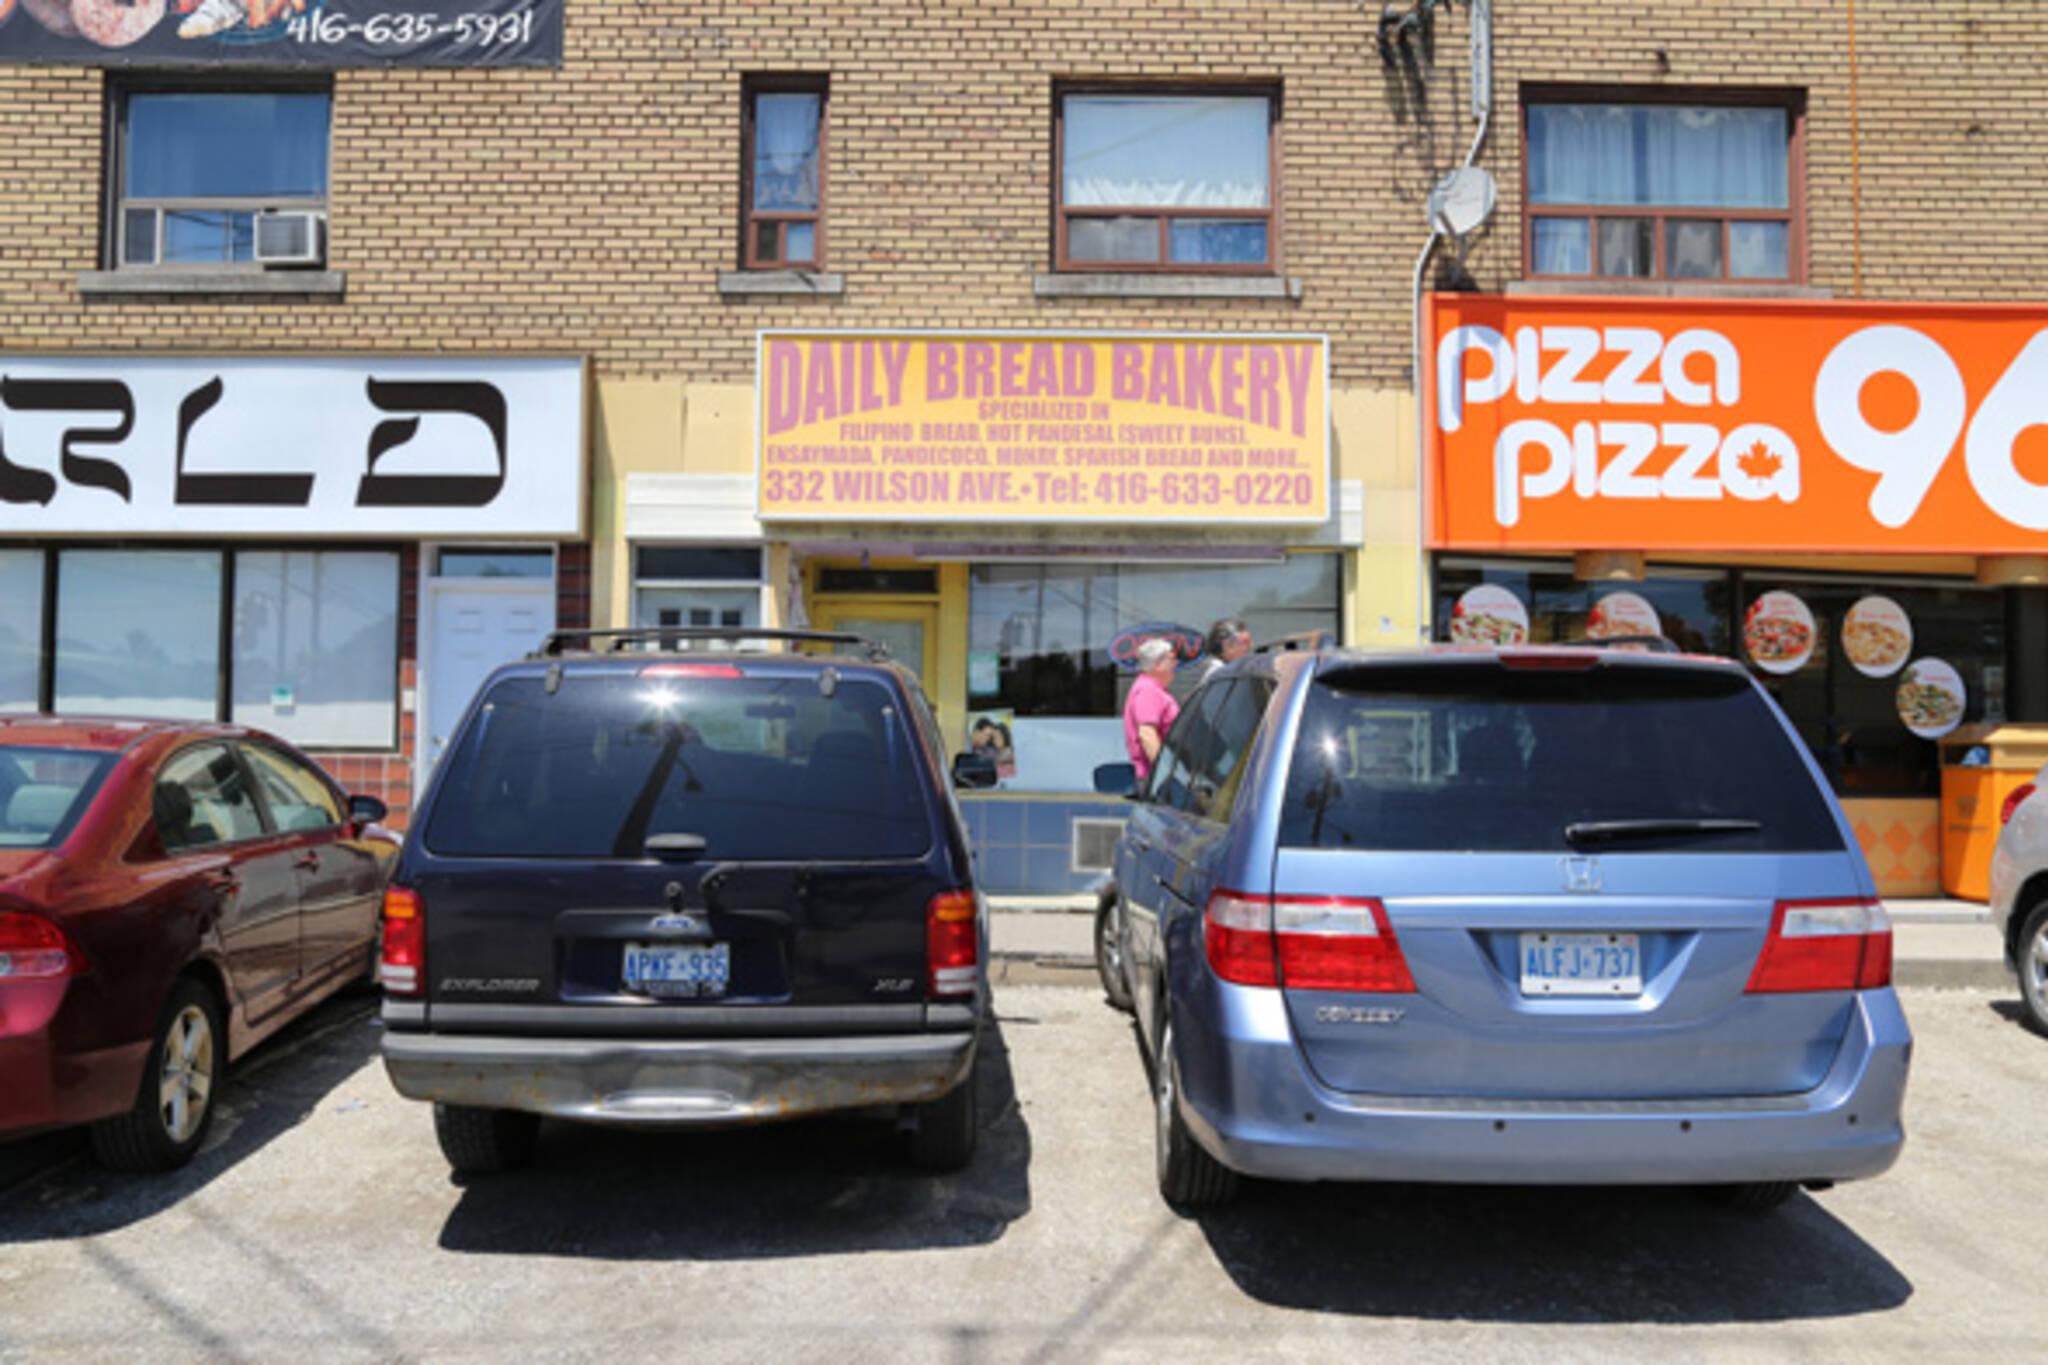 Daily Bread Bakery Toronto